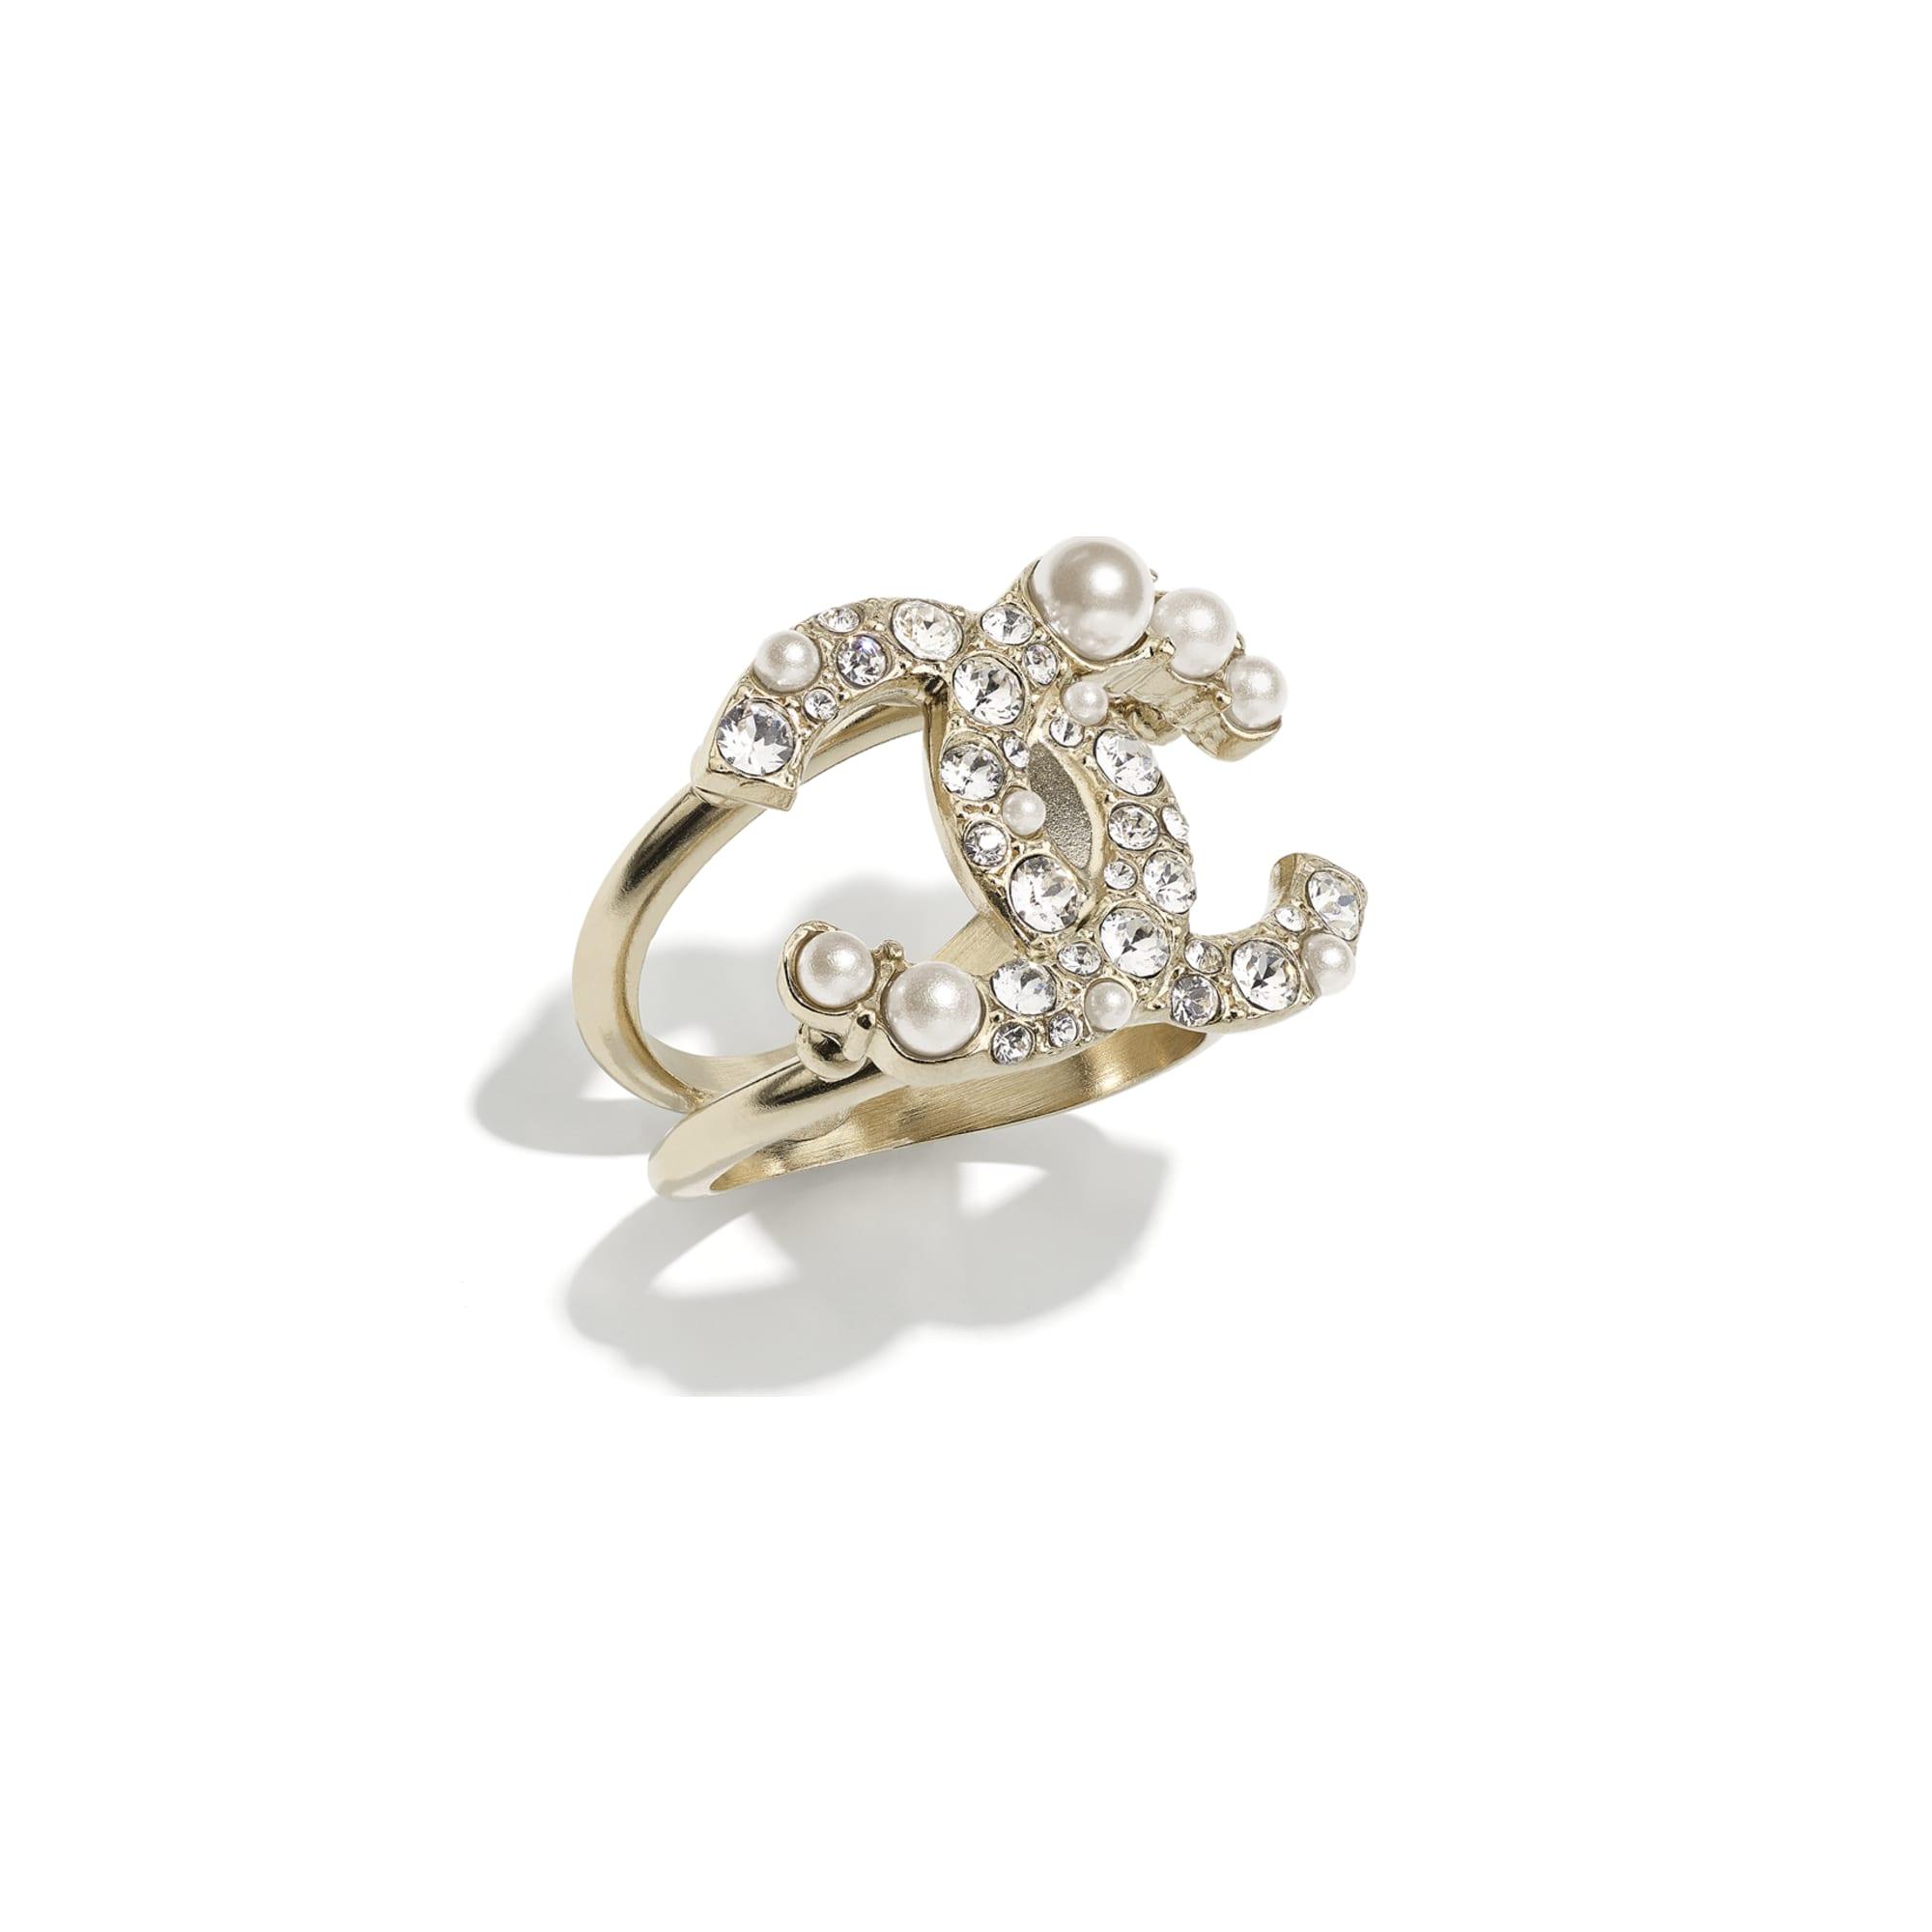 Anel - Gold, Pearly White & Crystal - Metal, Glass Pearls & Strass - CHANEL - Vista predefinida - ver a versão em tamanho standard